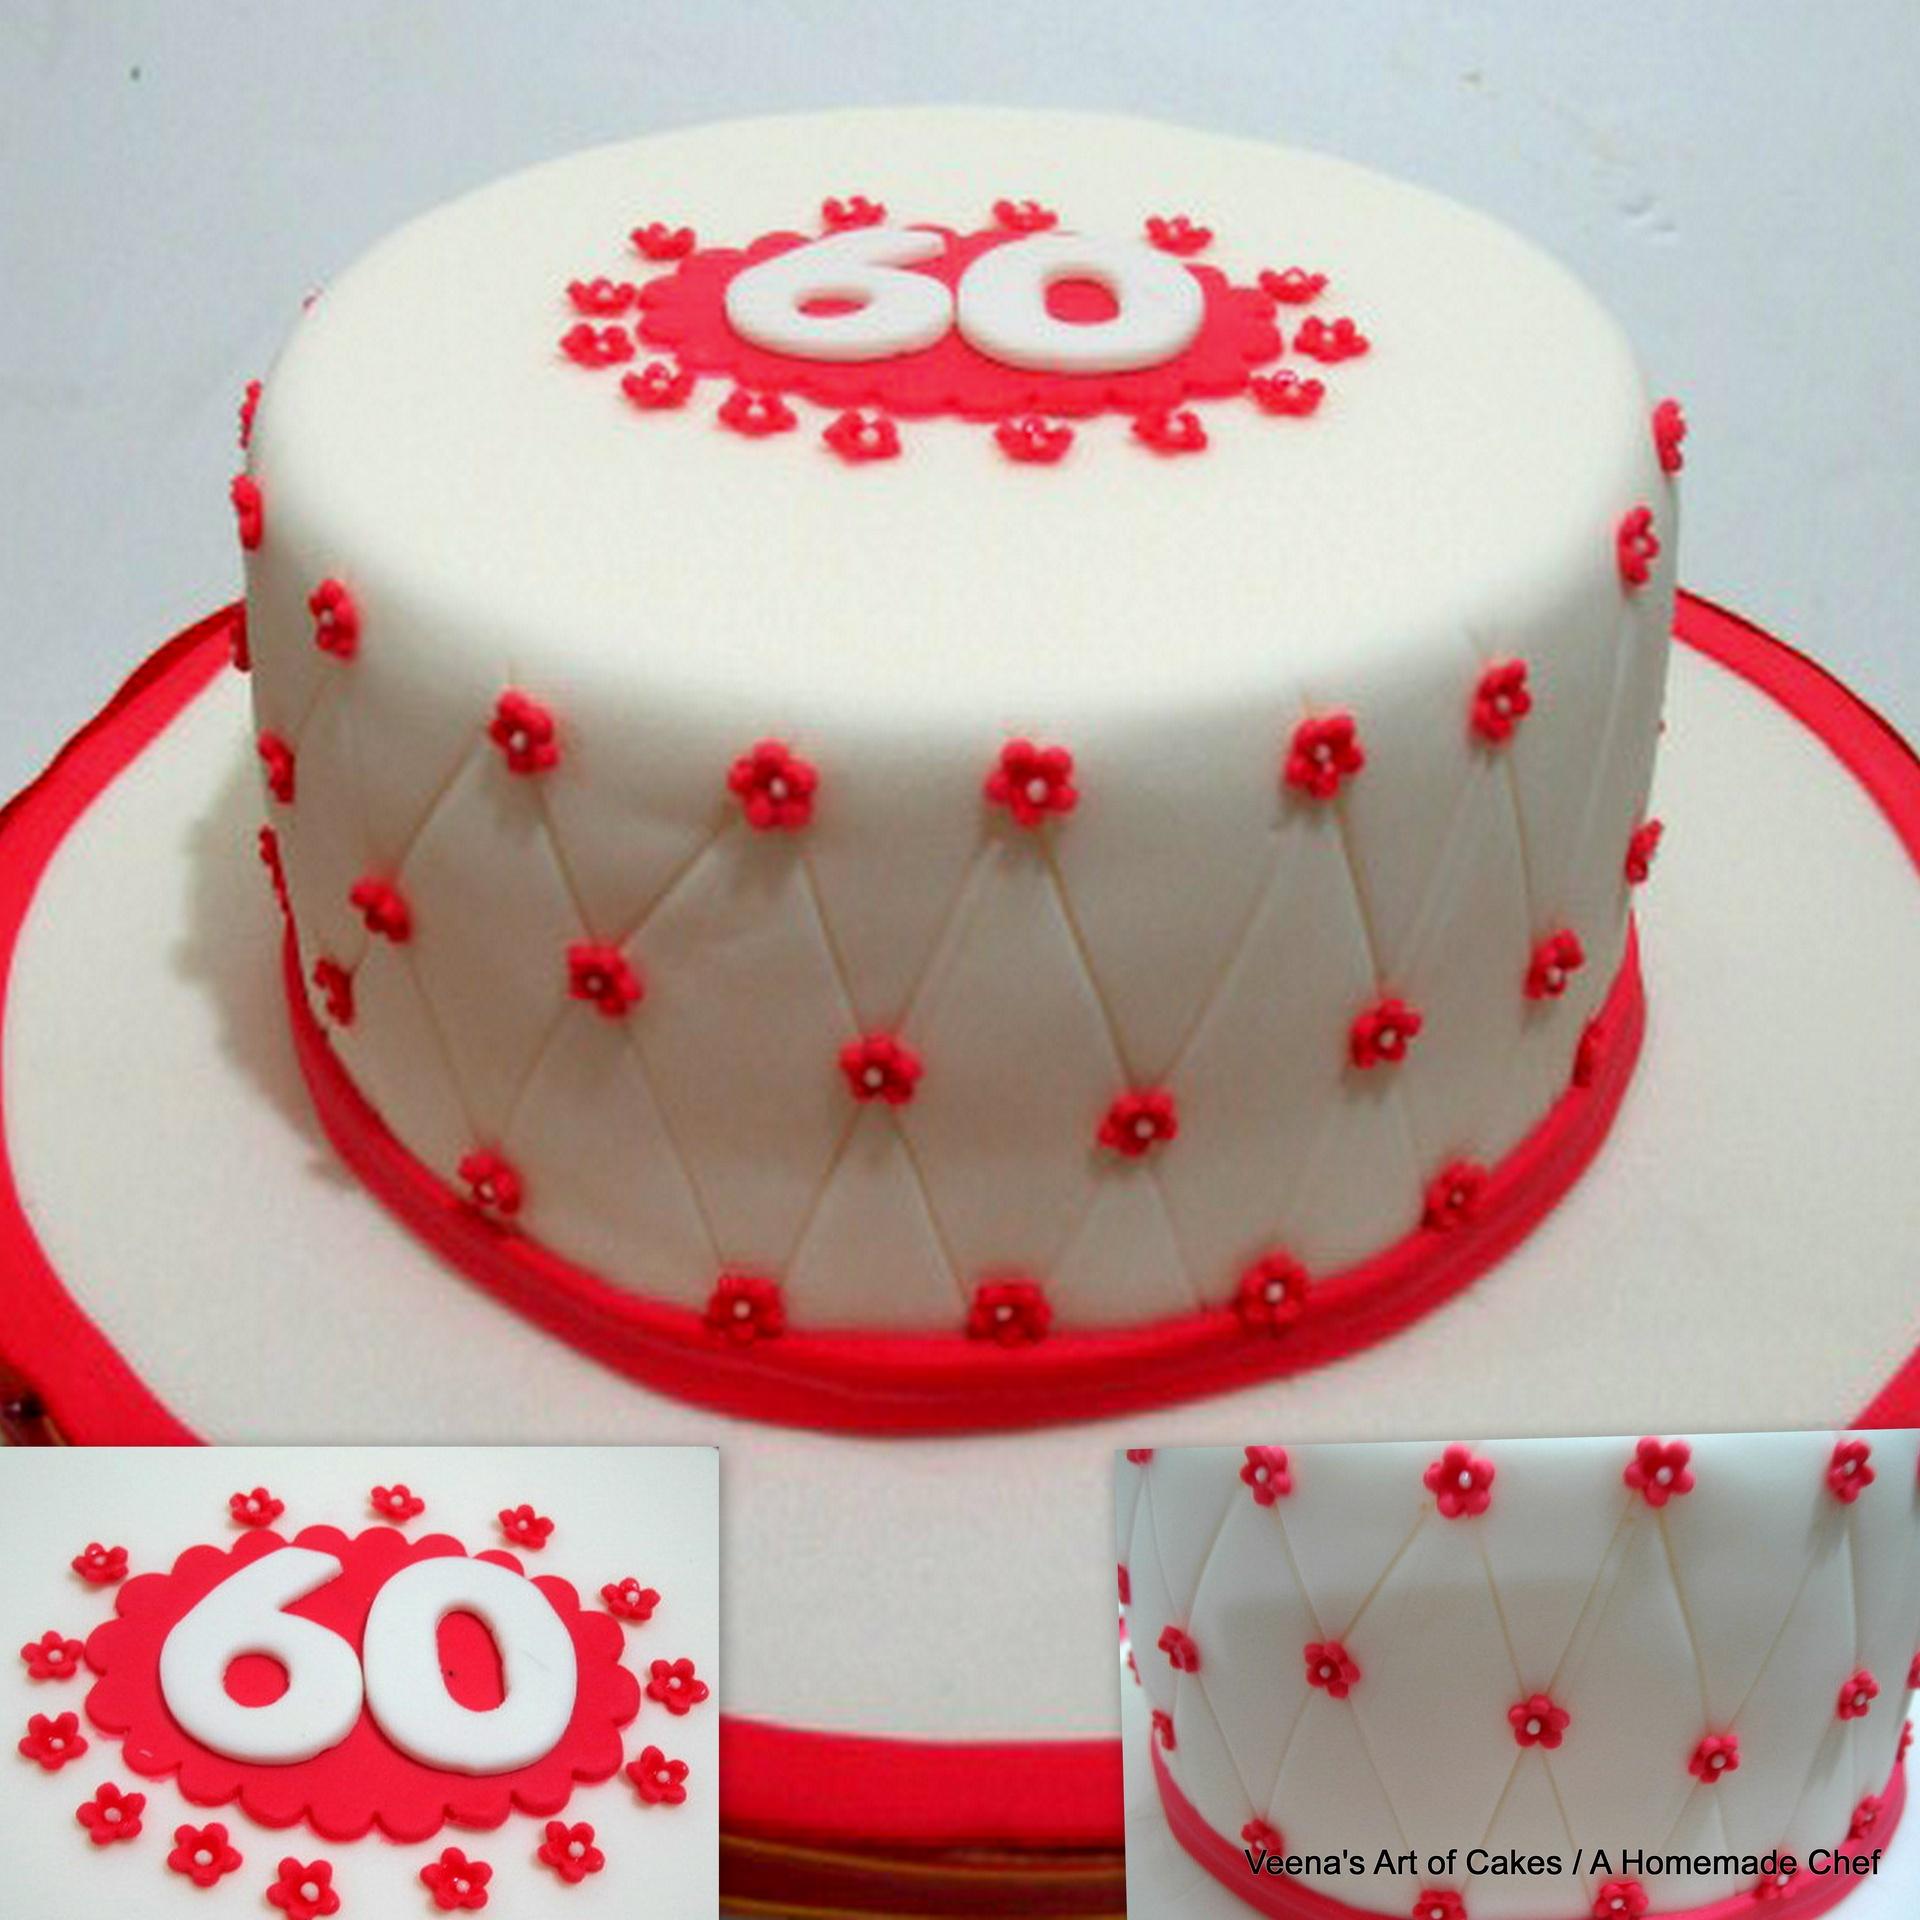 Торт ко дню рождения для 60 юбилея - С Днем Рождения поздравительные картинки